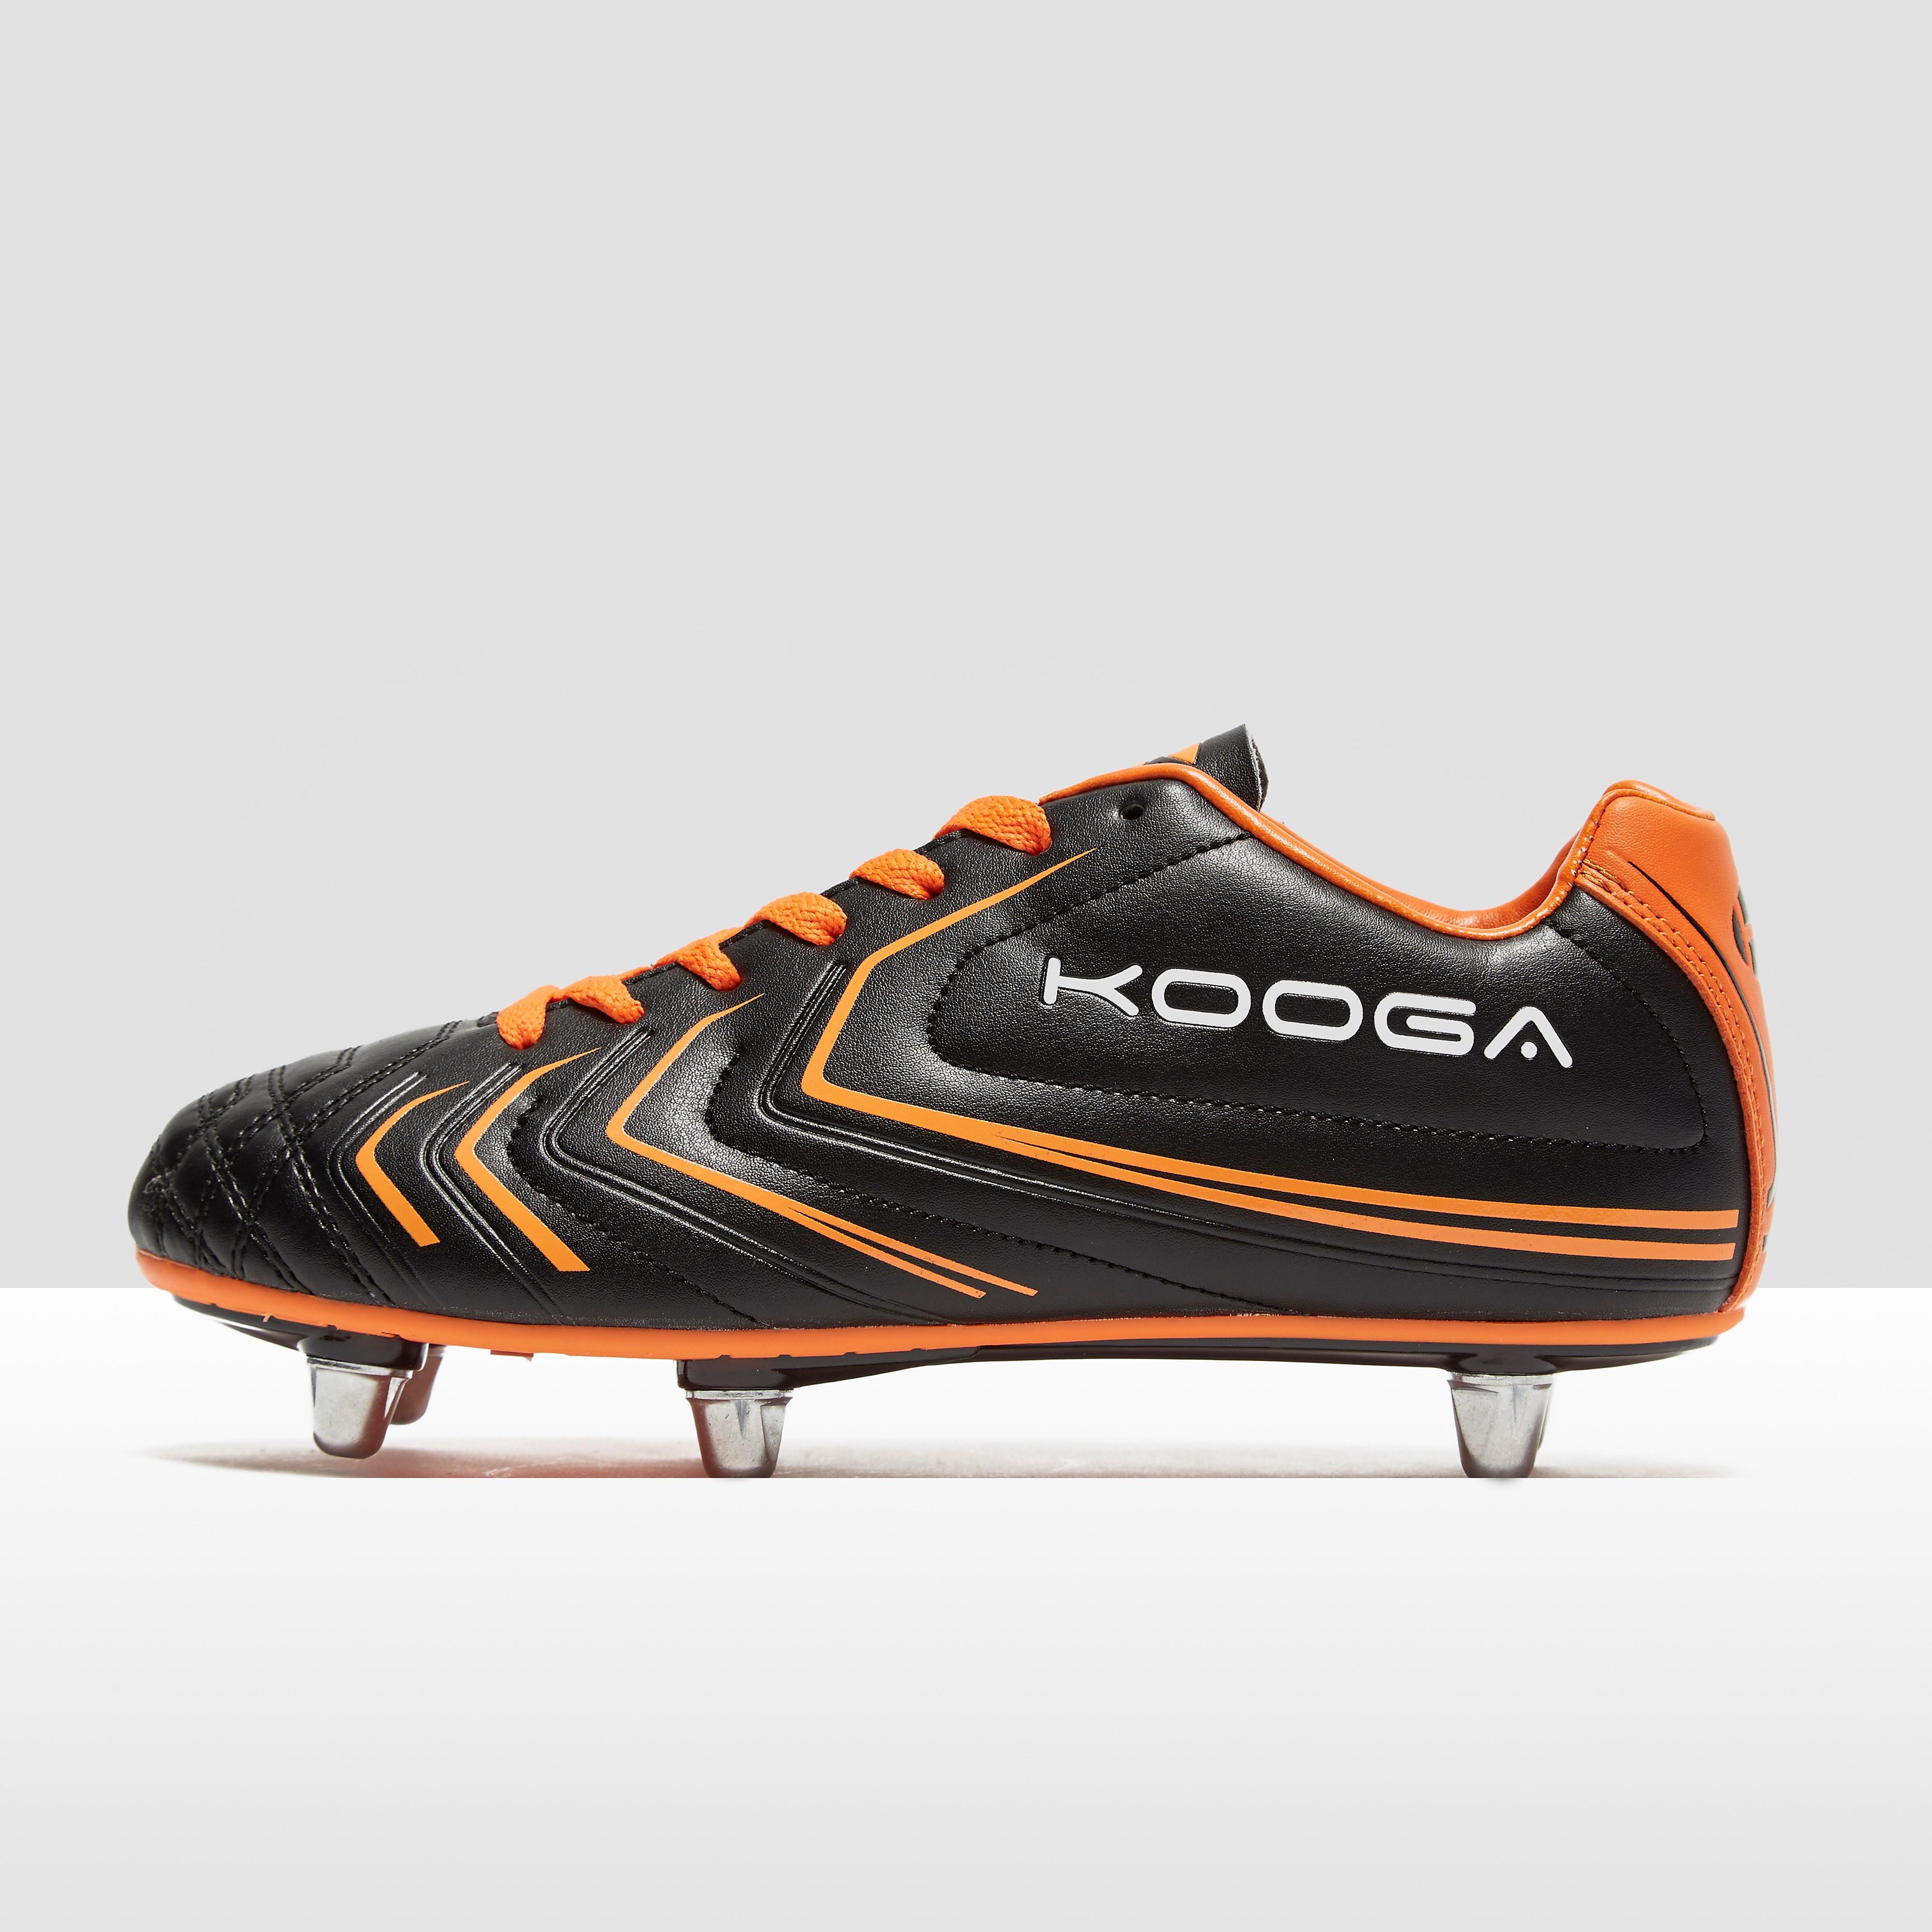 KooGa WARRIOR 2 JUNIOR Rugby Boots